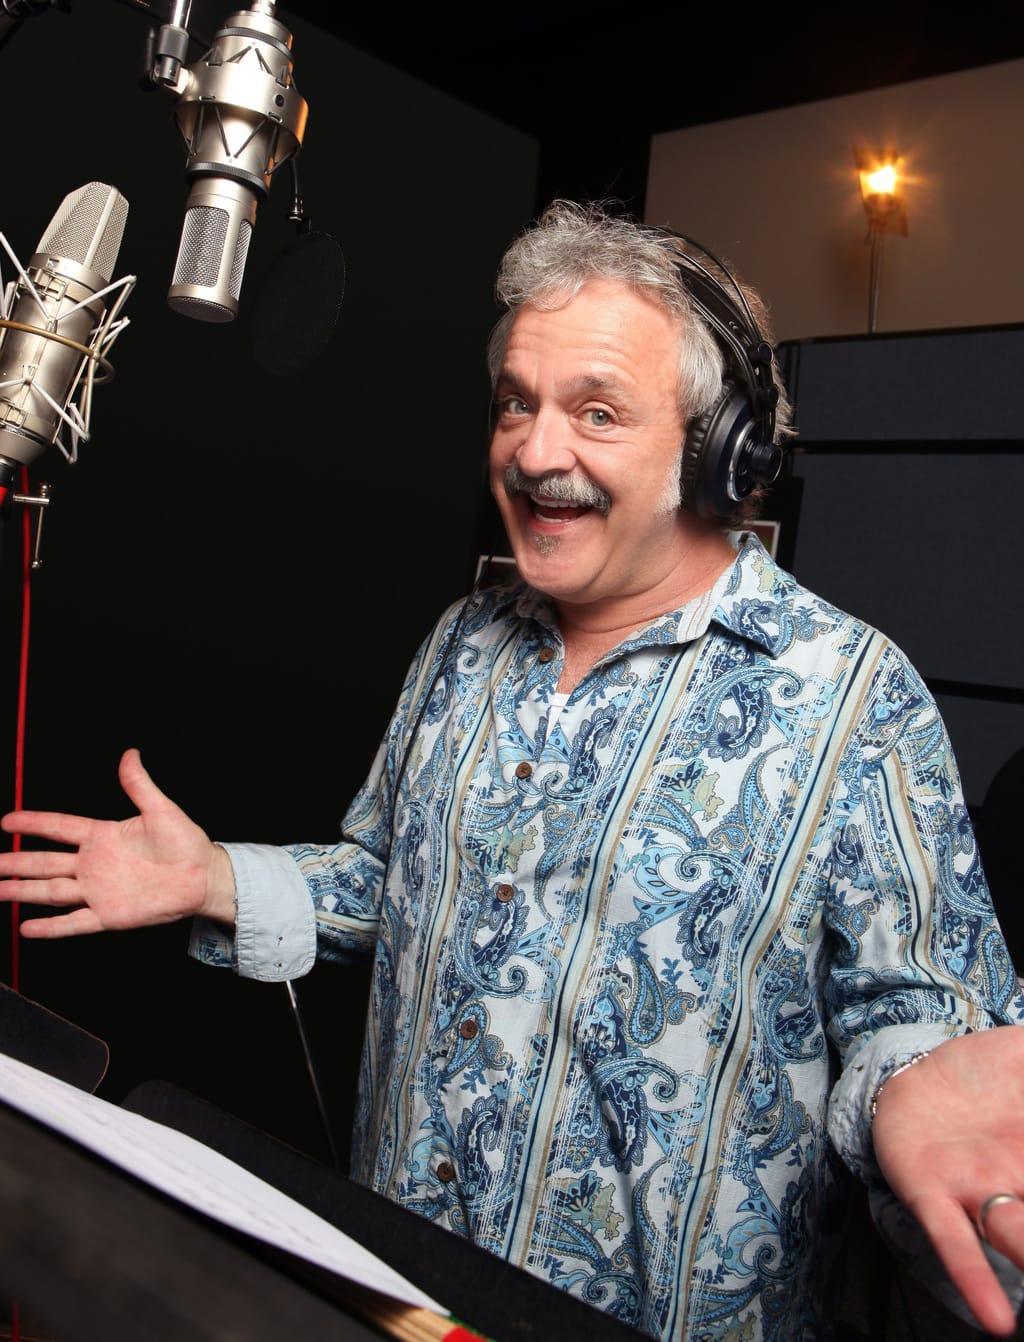 Jim Cummings Interview - The Voice Behind Winnie the Pooh - jim cummings on set